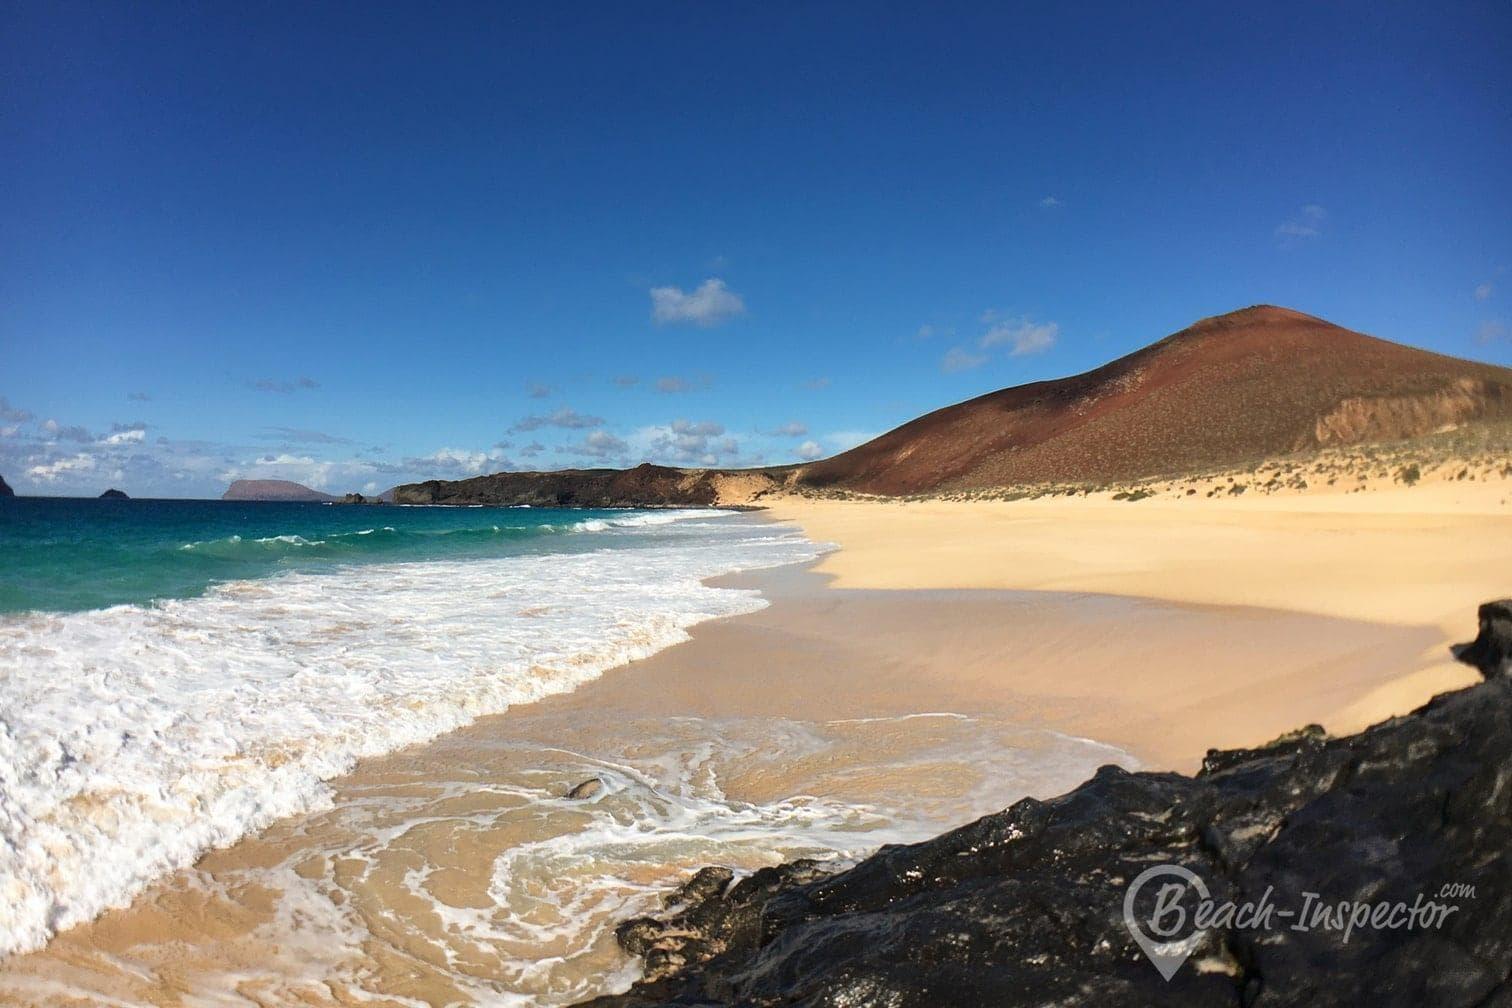 Foto: beach-inspector.com